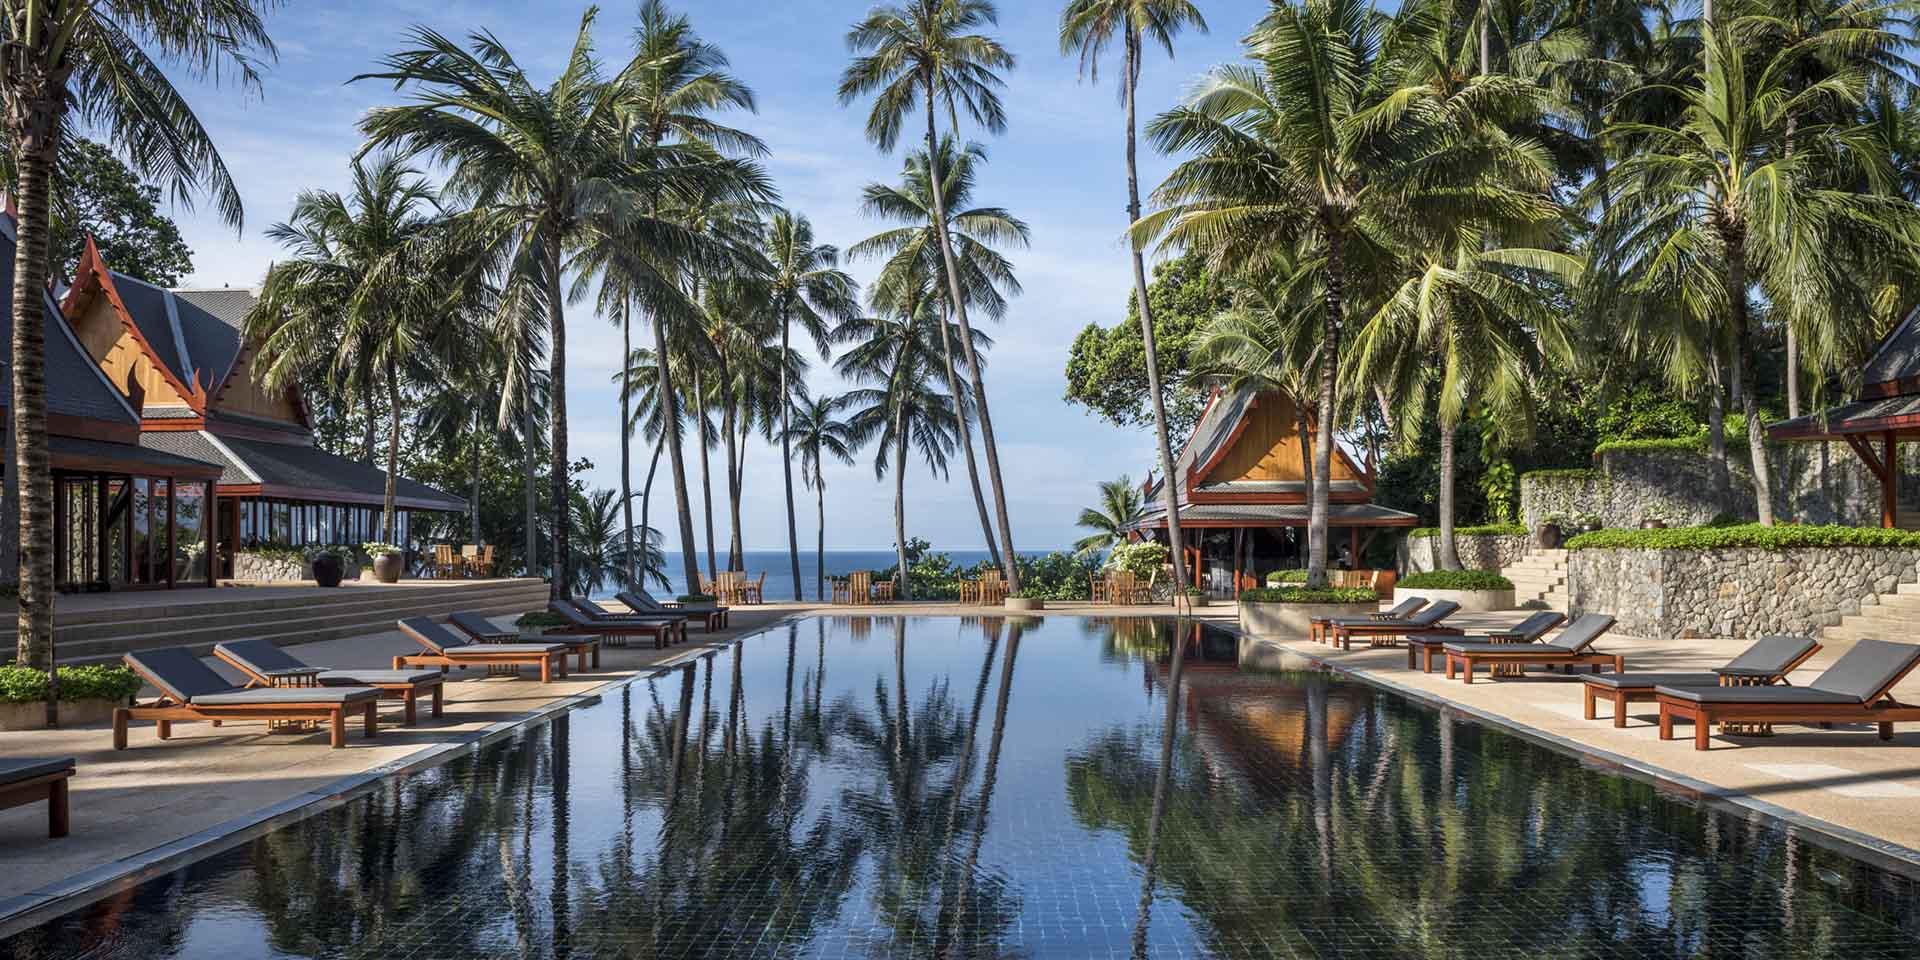 Phuket Luxury Resorts: Our Super Six